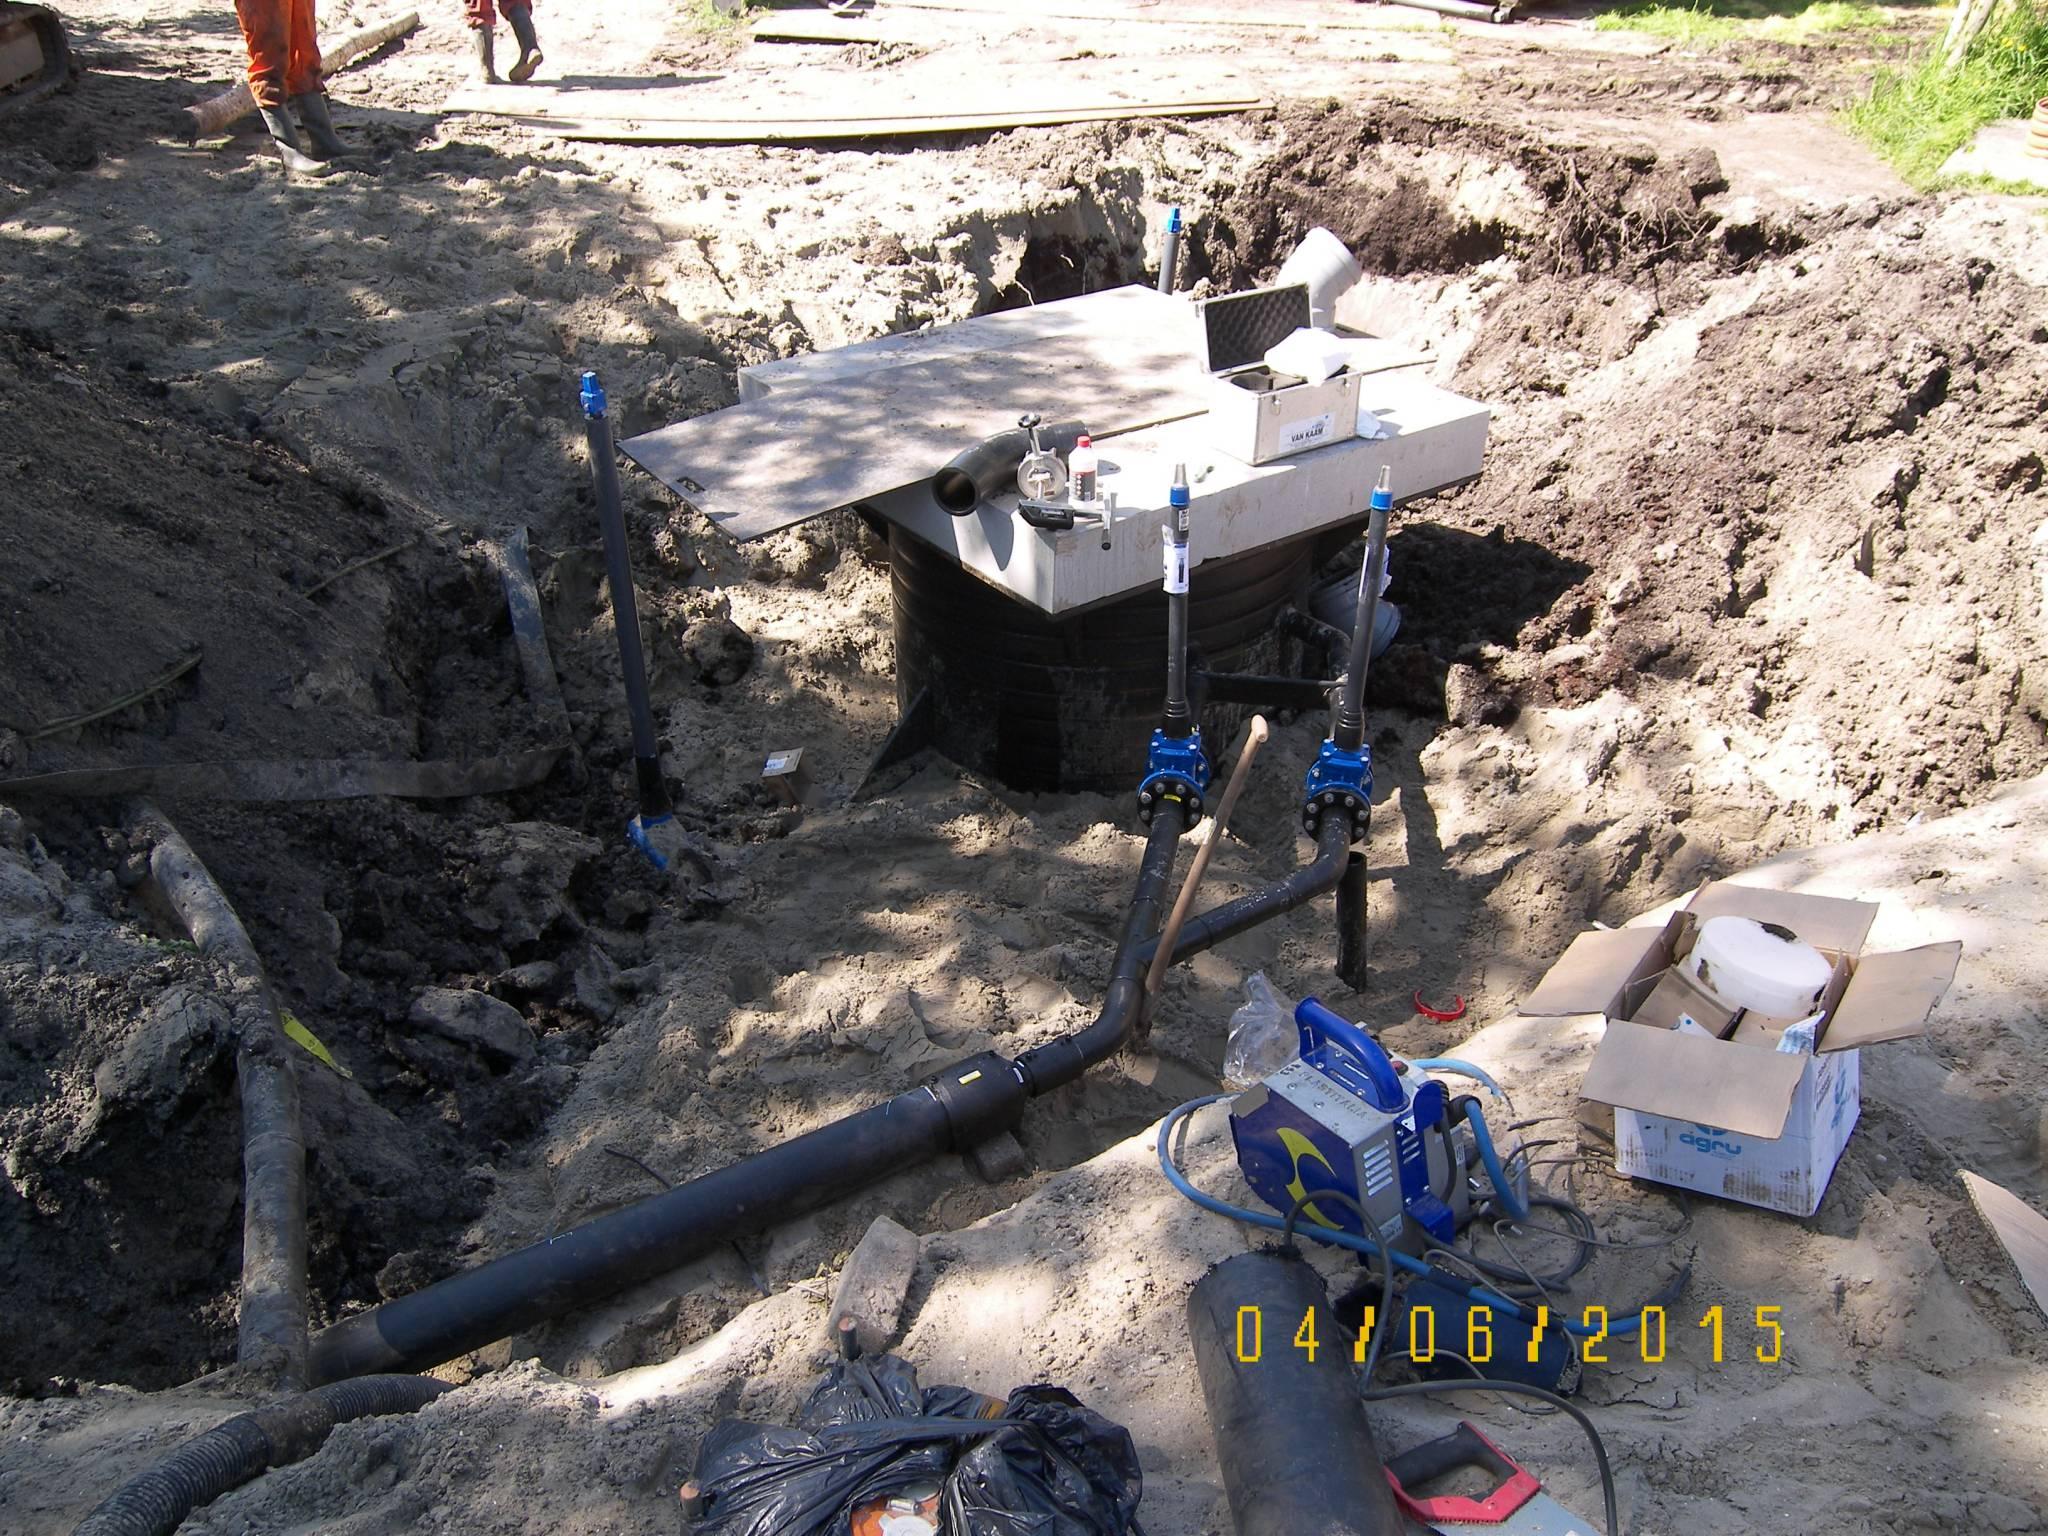 Aannemingsbedrijf Fronik Infra B.V. in Mijdrecht Uithoorn, rioolreconstructie Molenvaart contractvorm UAV-gc